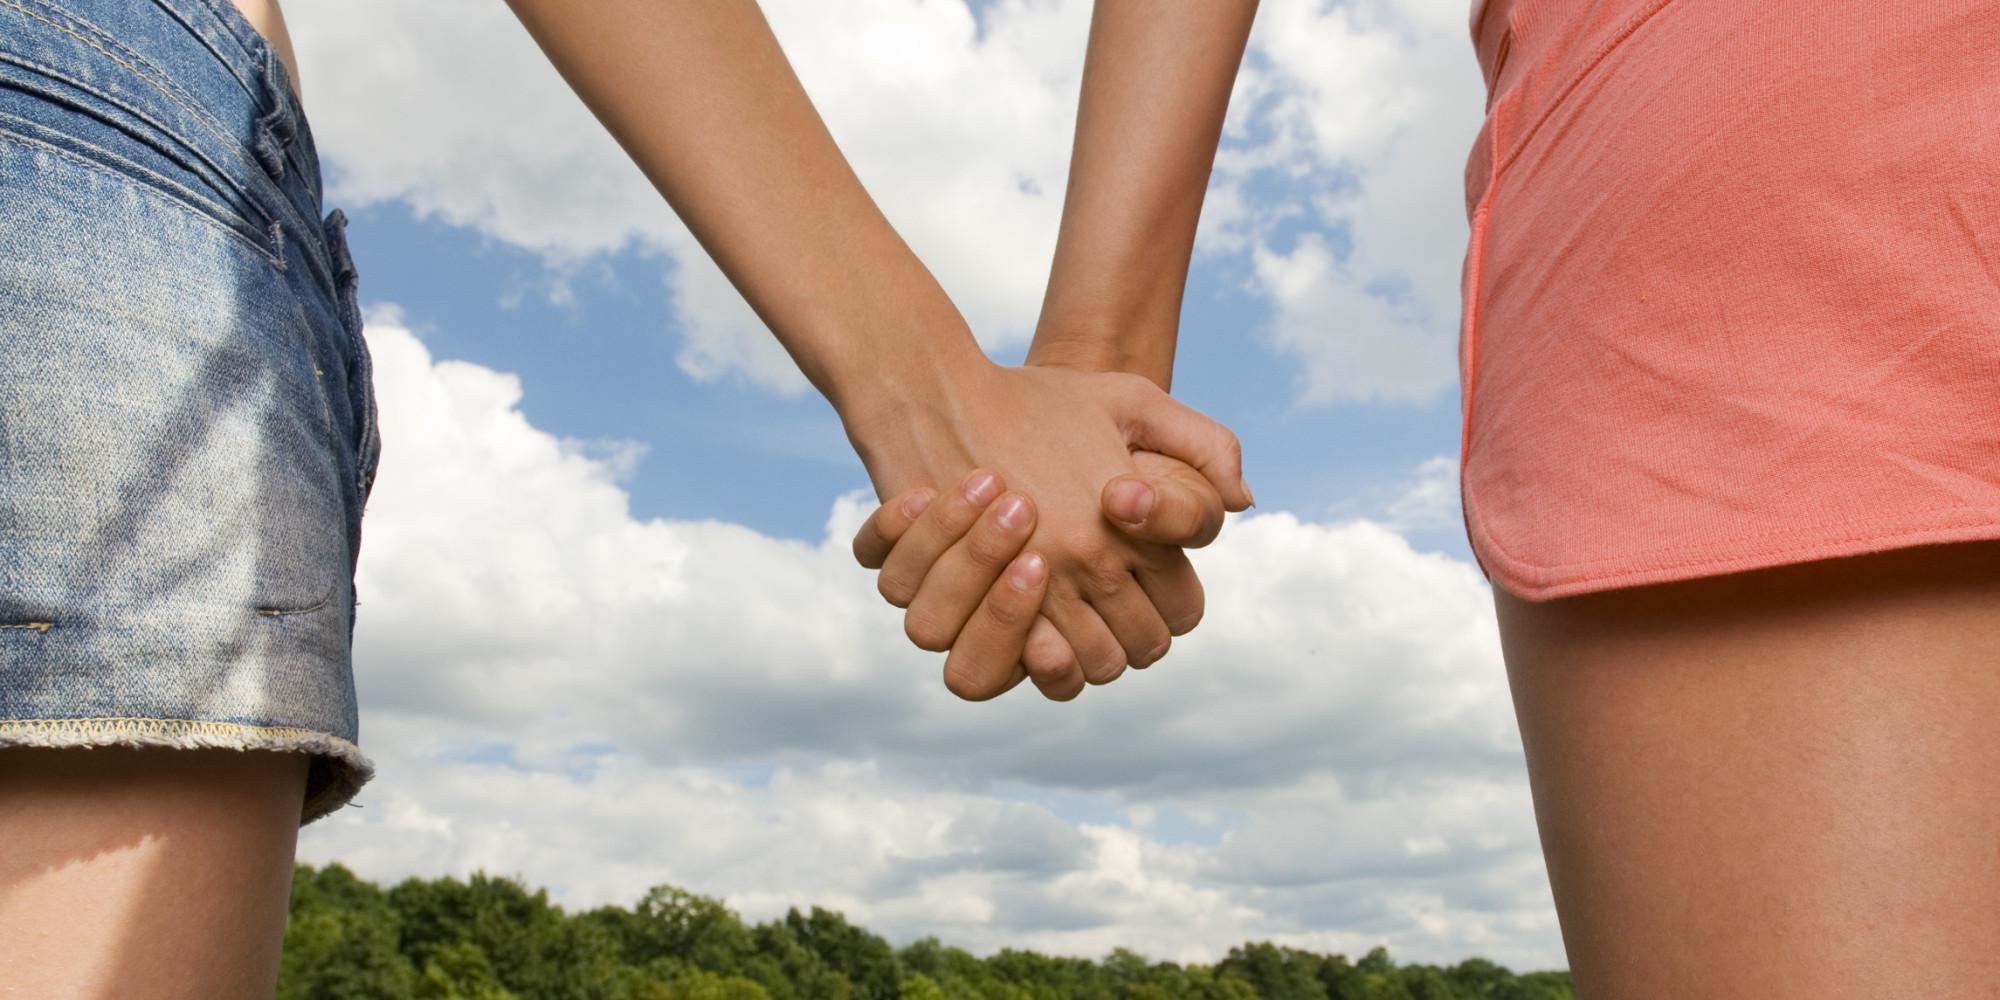 Картинки две девочки держатся за руки, картинках экзамены пдд